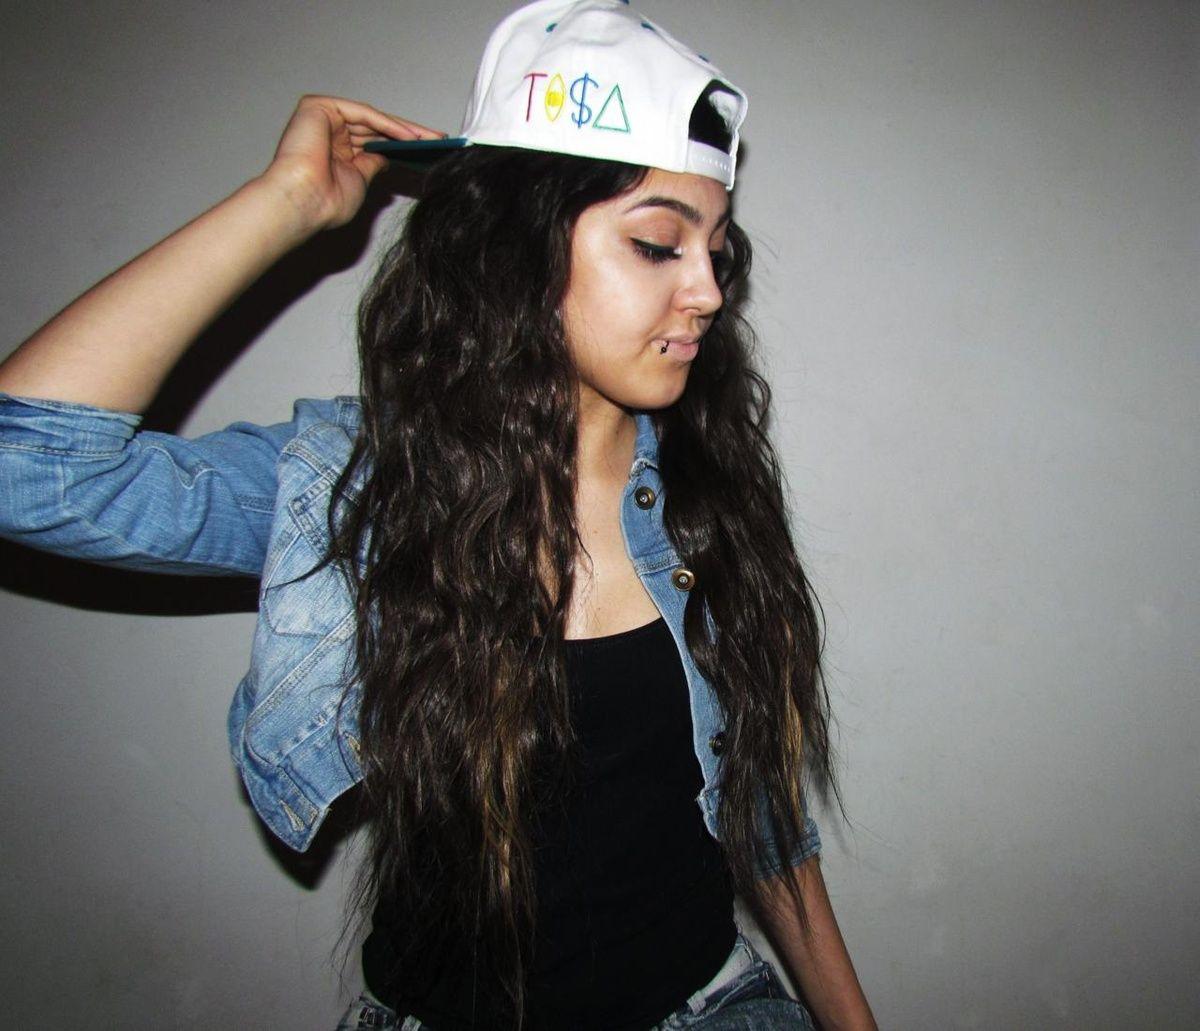 girls urban clothing | denim, fashion, girl, snapback, urban